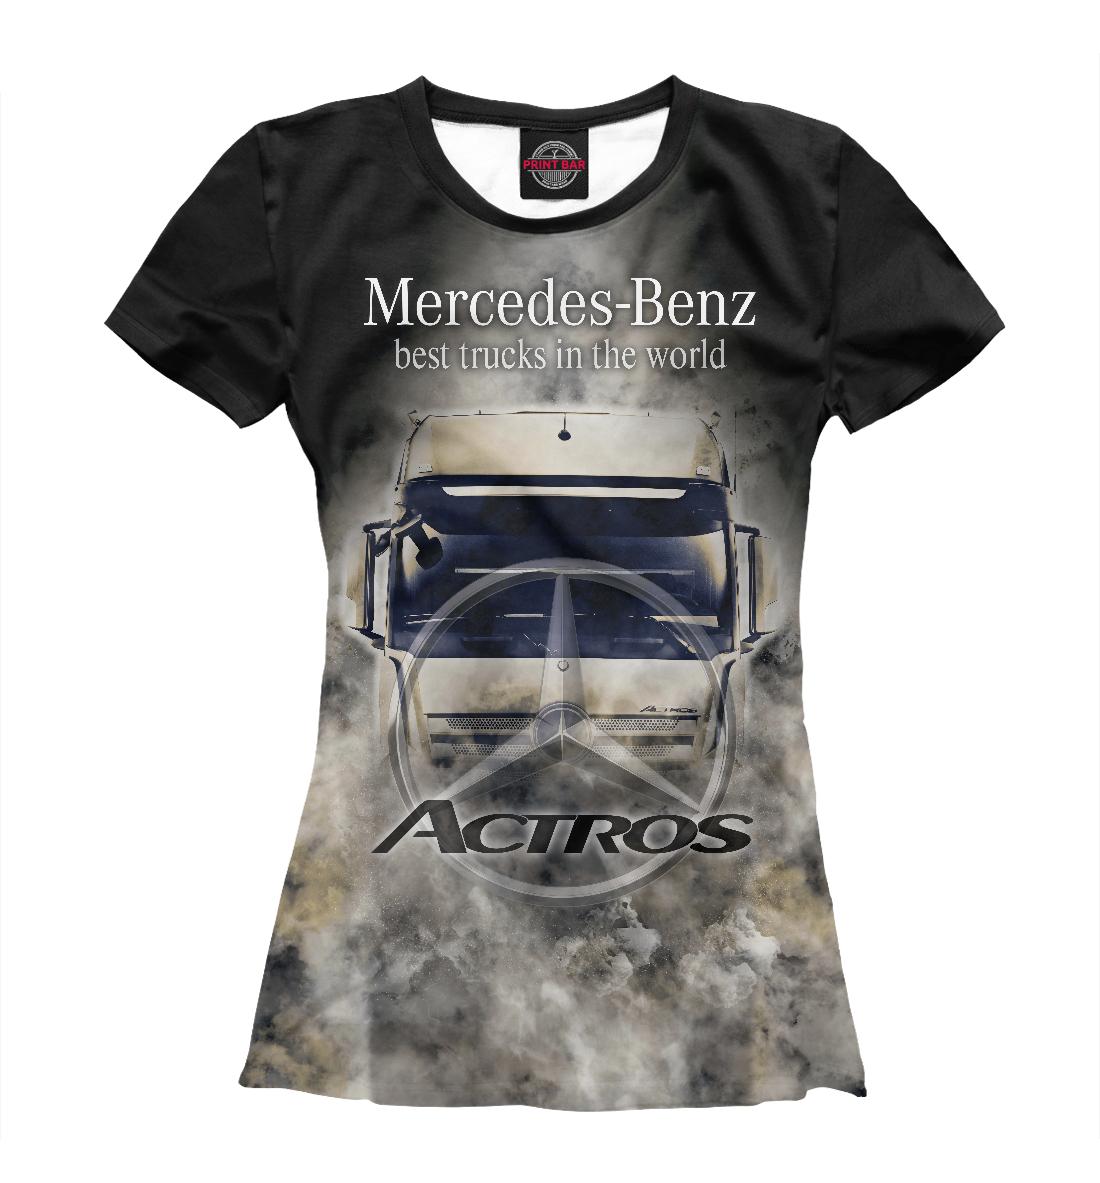 Купить Mercedes-Benz Actros, Printbar, Футболки, GRZ-624939-fut-1